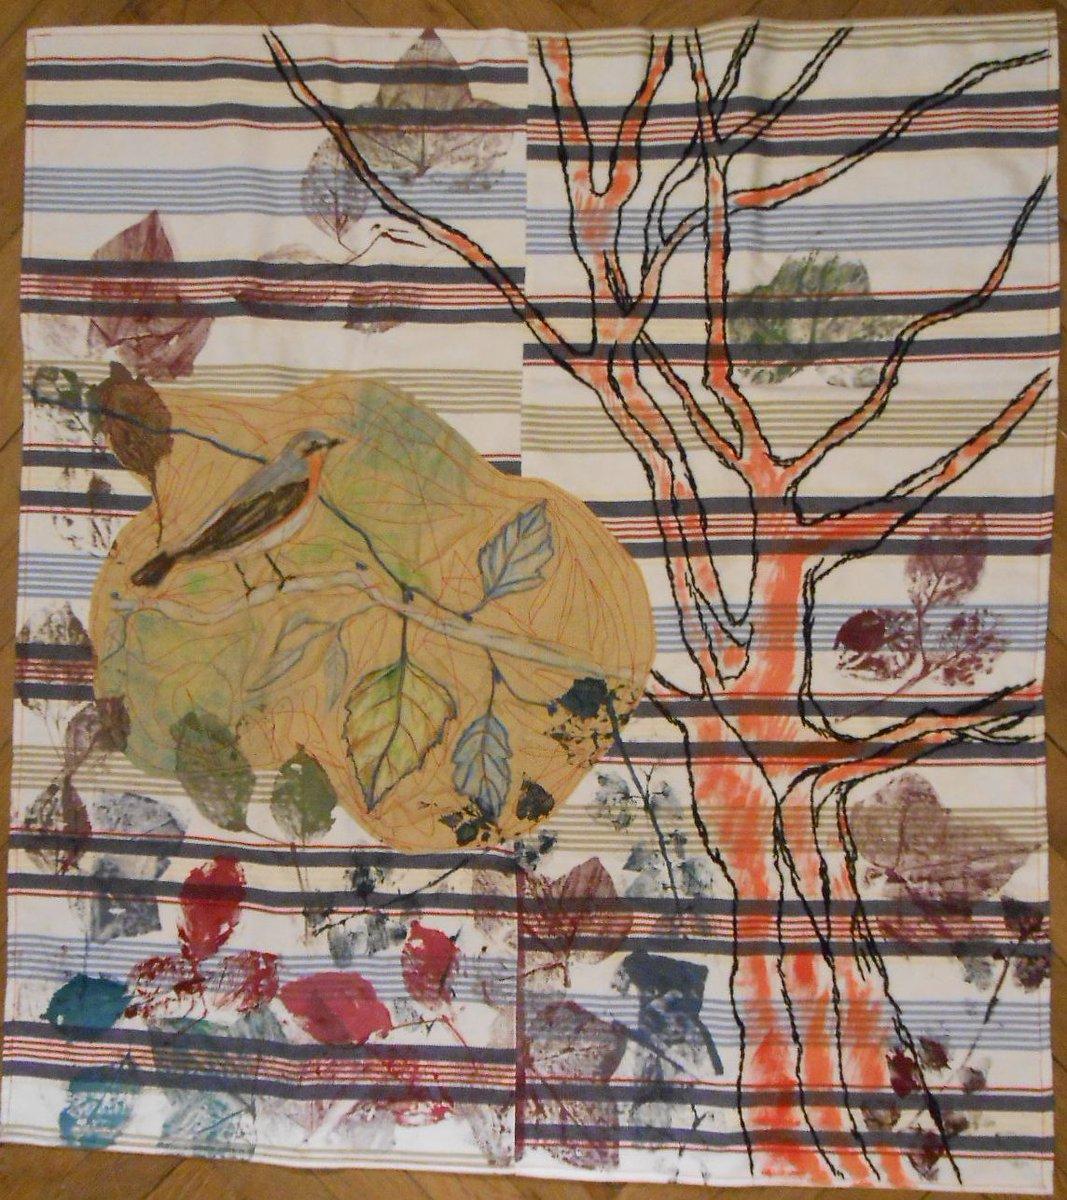 IL CANTO LIBEROopera-poesia,leggi la poesia clicca il linkhttps://ma-donne.blogspot.com/2014/10/il-canto-libero.html#poesia #VentagliDiParole @CasaScrittori #MondoDiVersi #ScrivoArte #arte #parole #PoesiaPerLaSera #outsiderart #art #ArtLovers #ArtistOnTwitter  - Ukustom